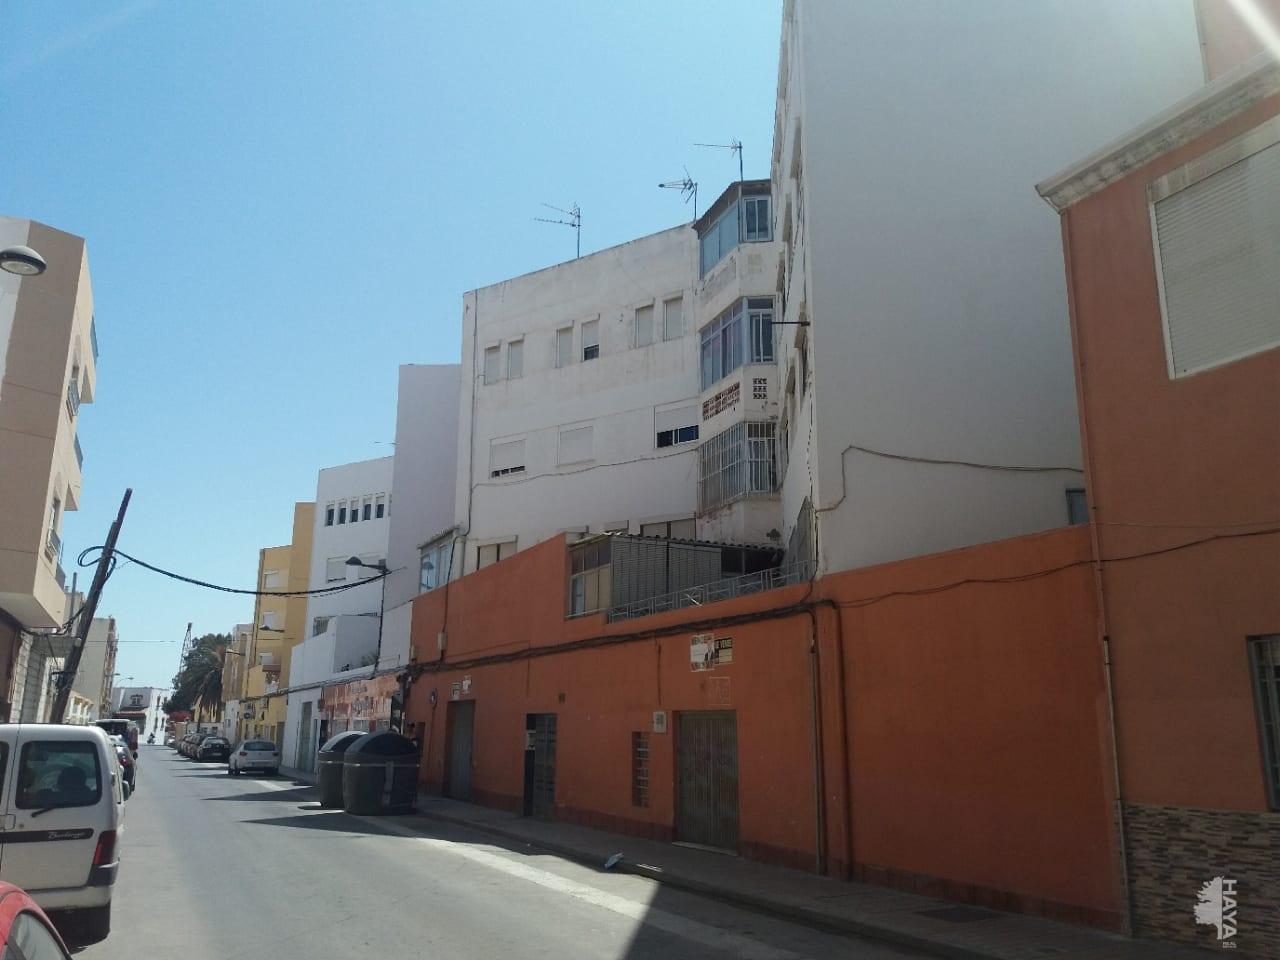 Piso en venta en Los Molinos, Almería, Almería, Carretera del Mami, 85.785 €, 3 habitaciones, 2 baños, 92 m2